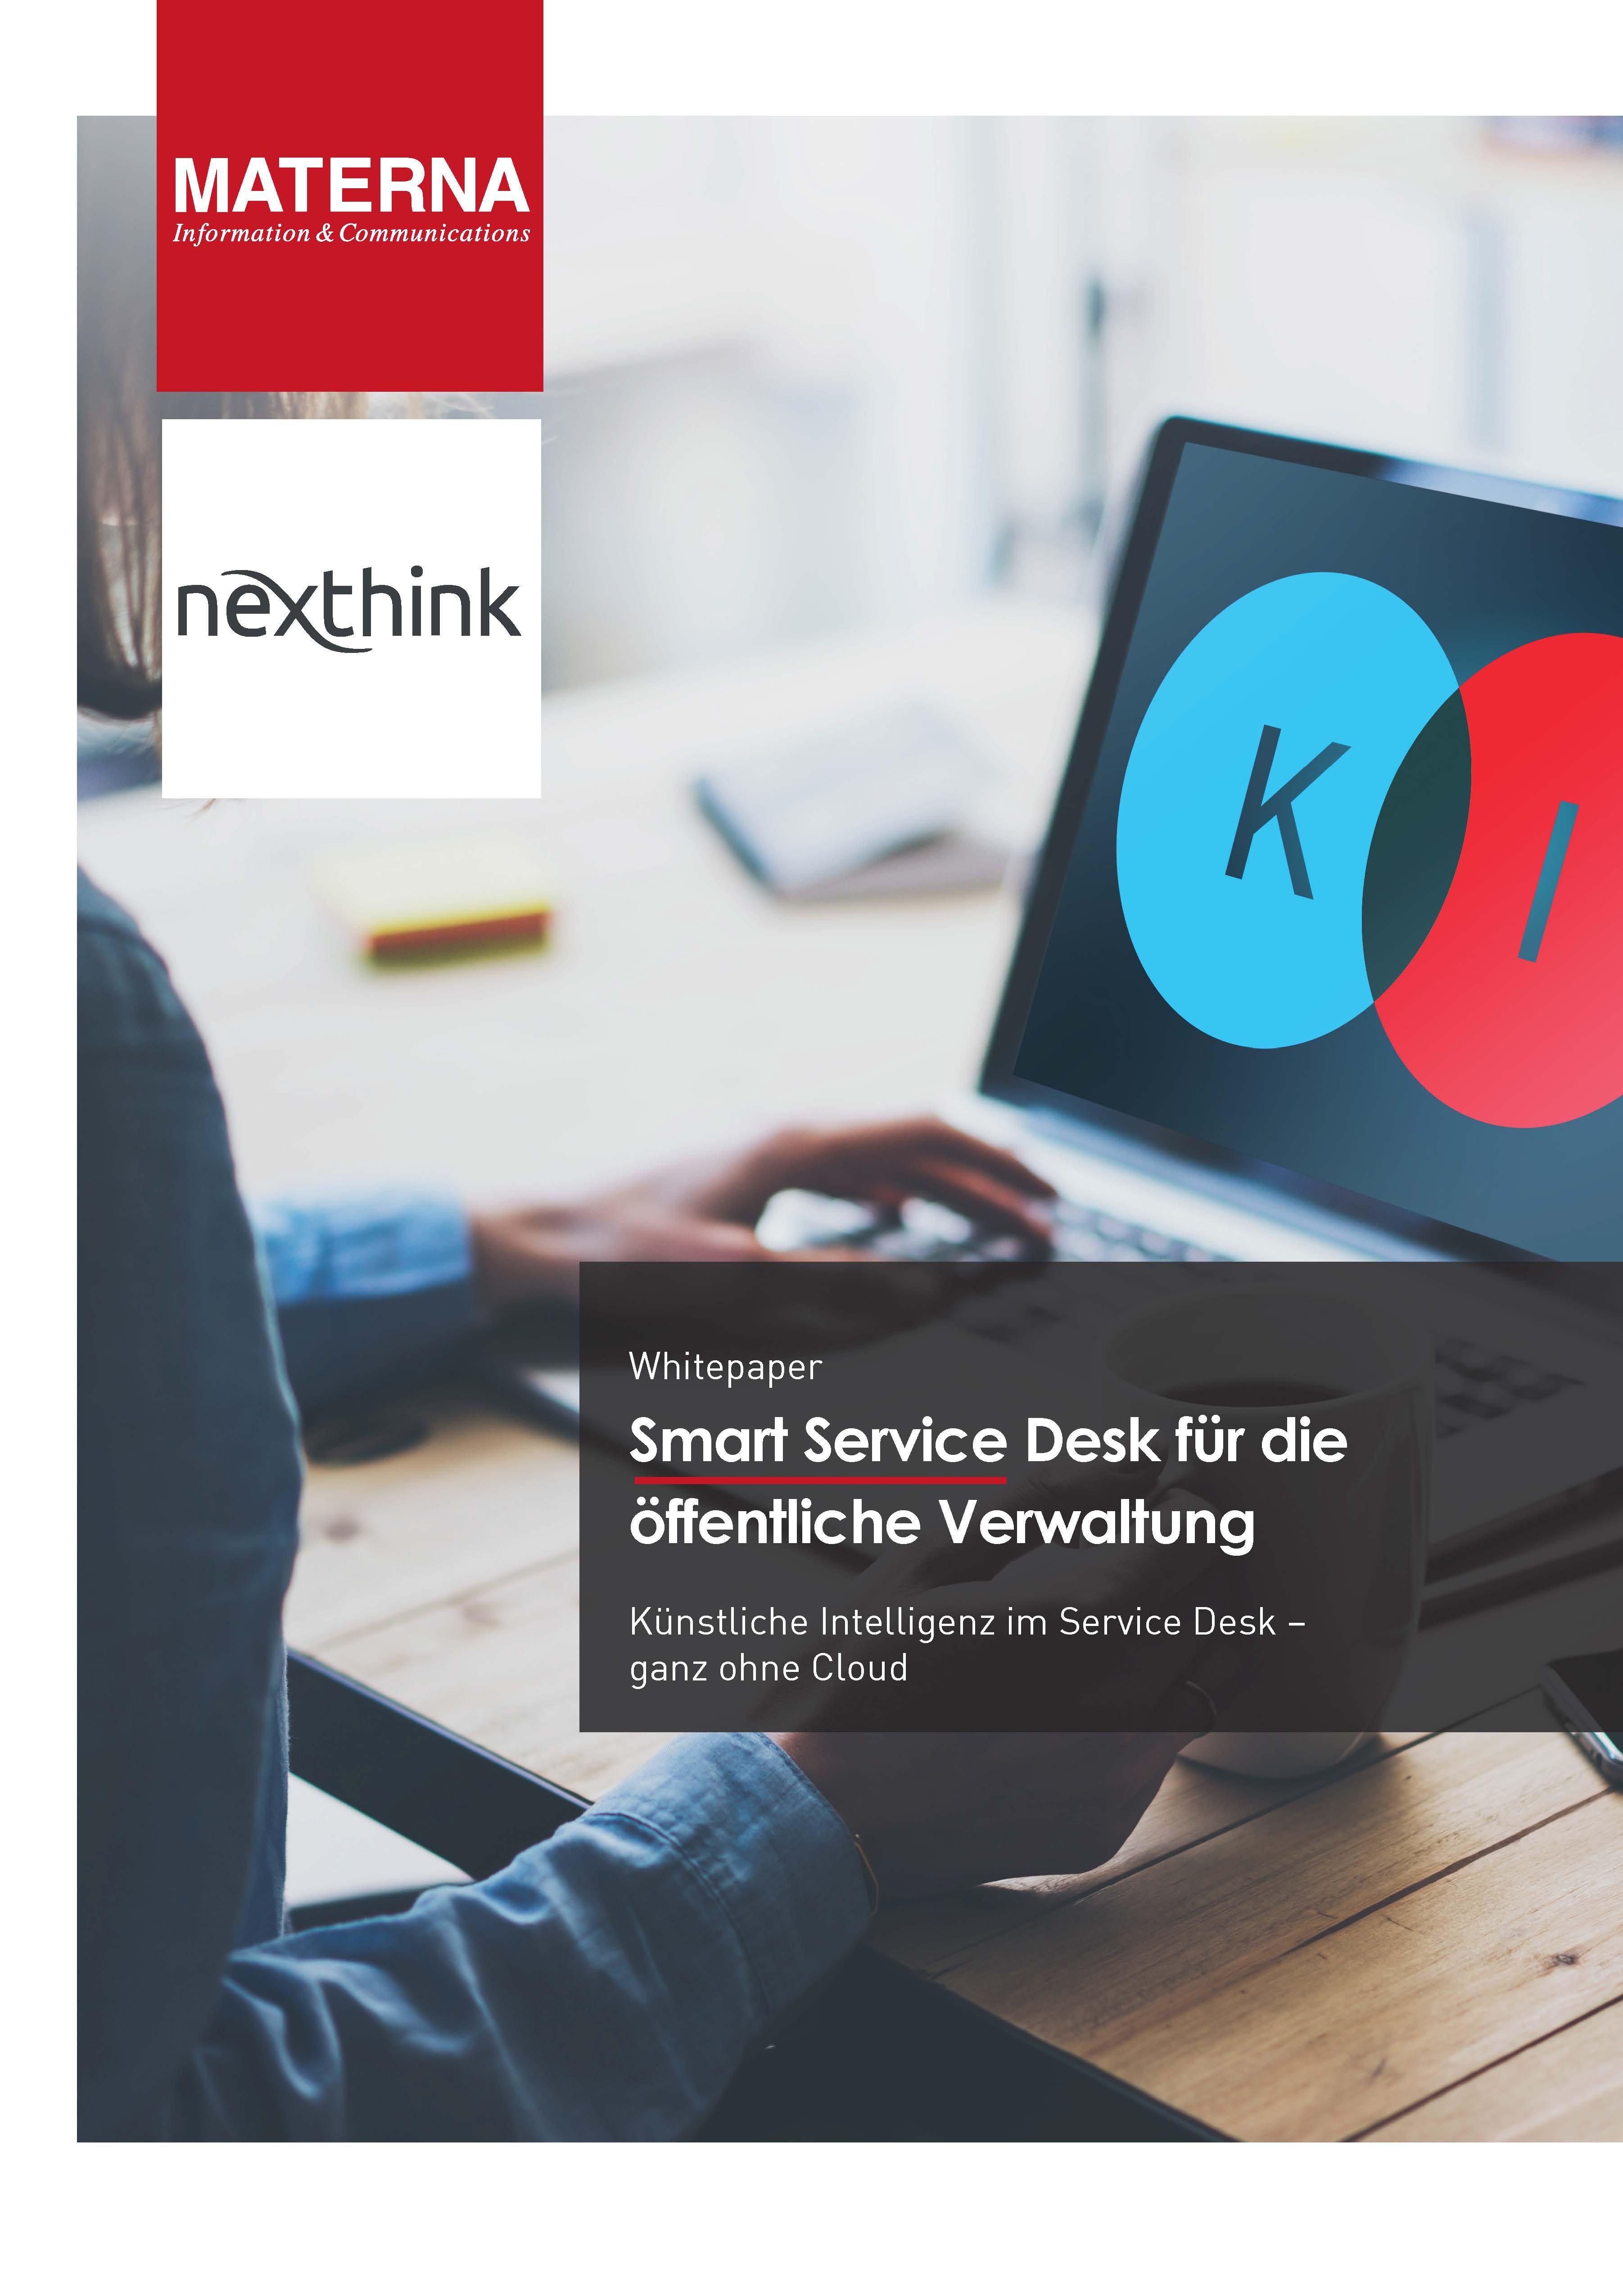 Whitepaper_Smart Service Desk für die öffentliche Verwaltung_cover